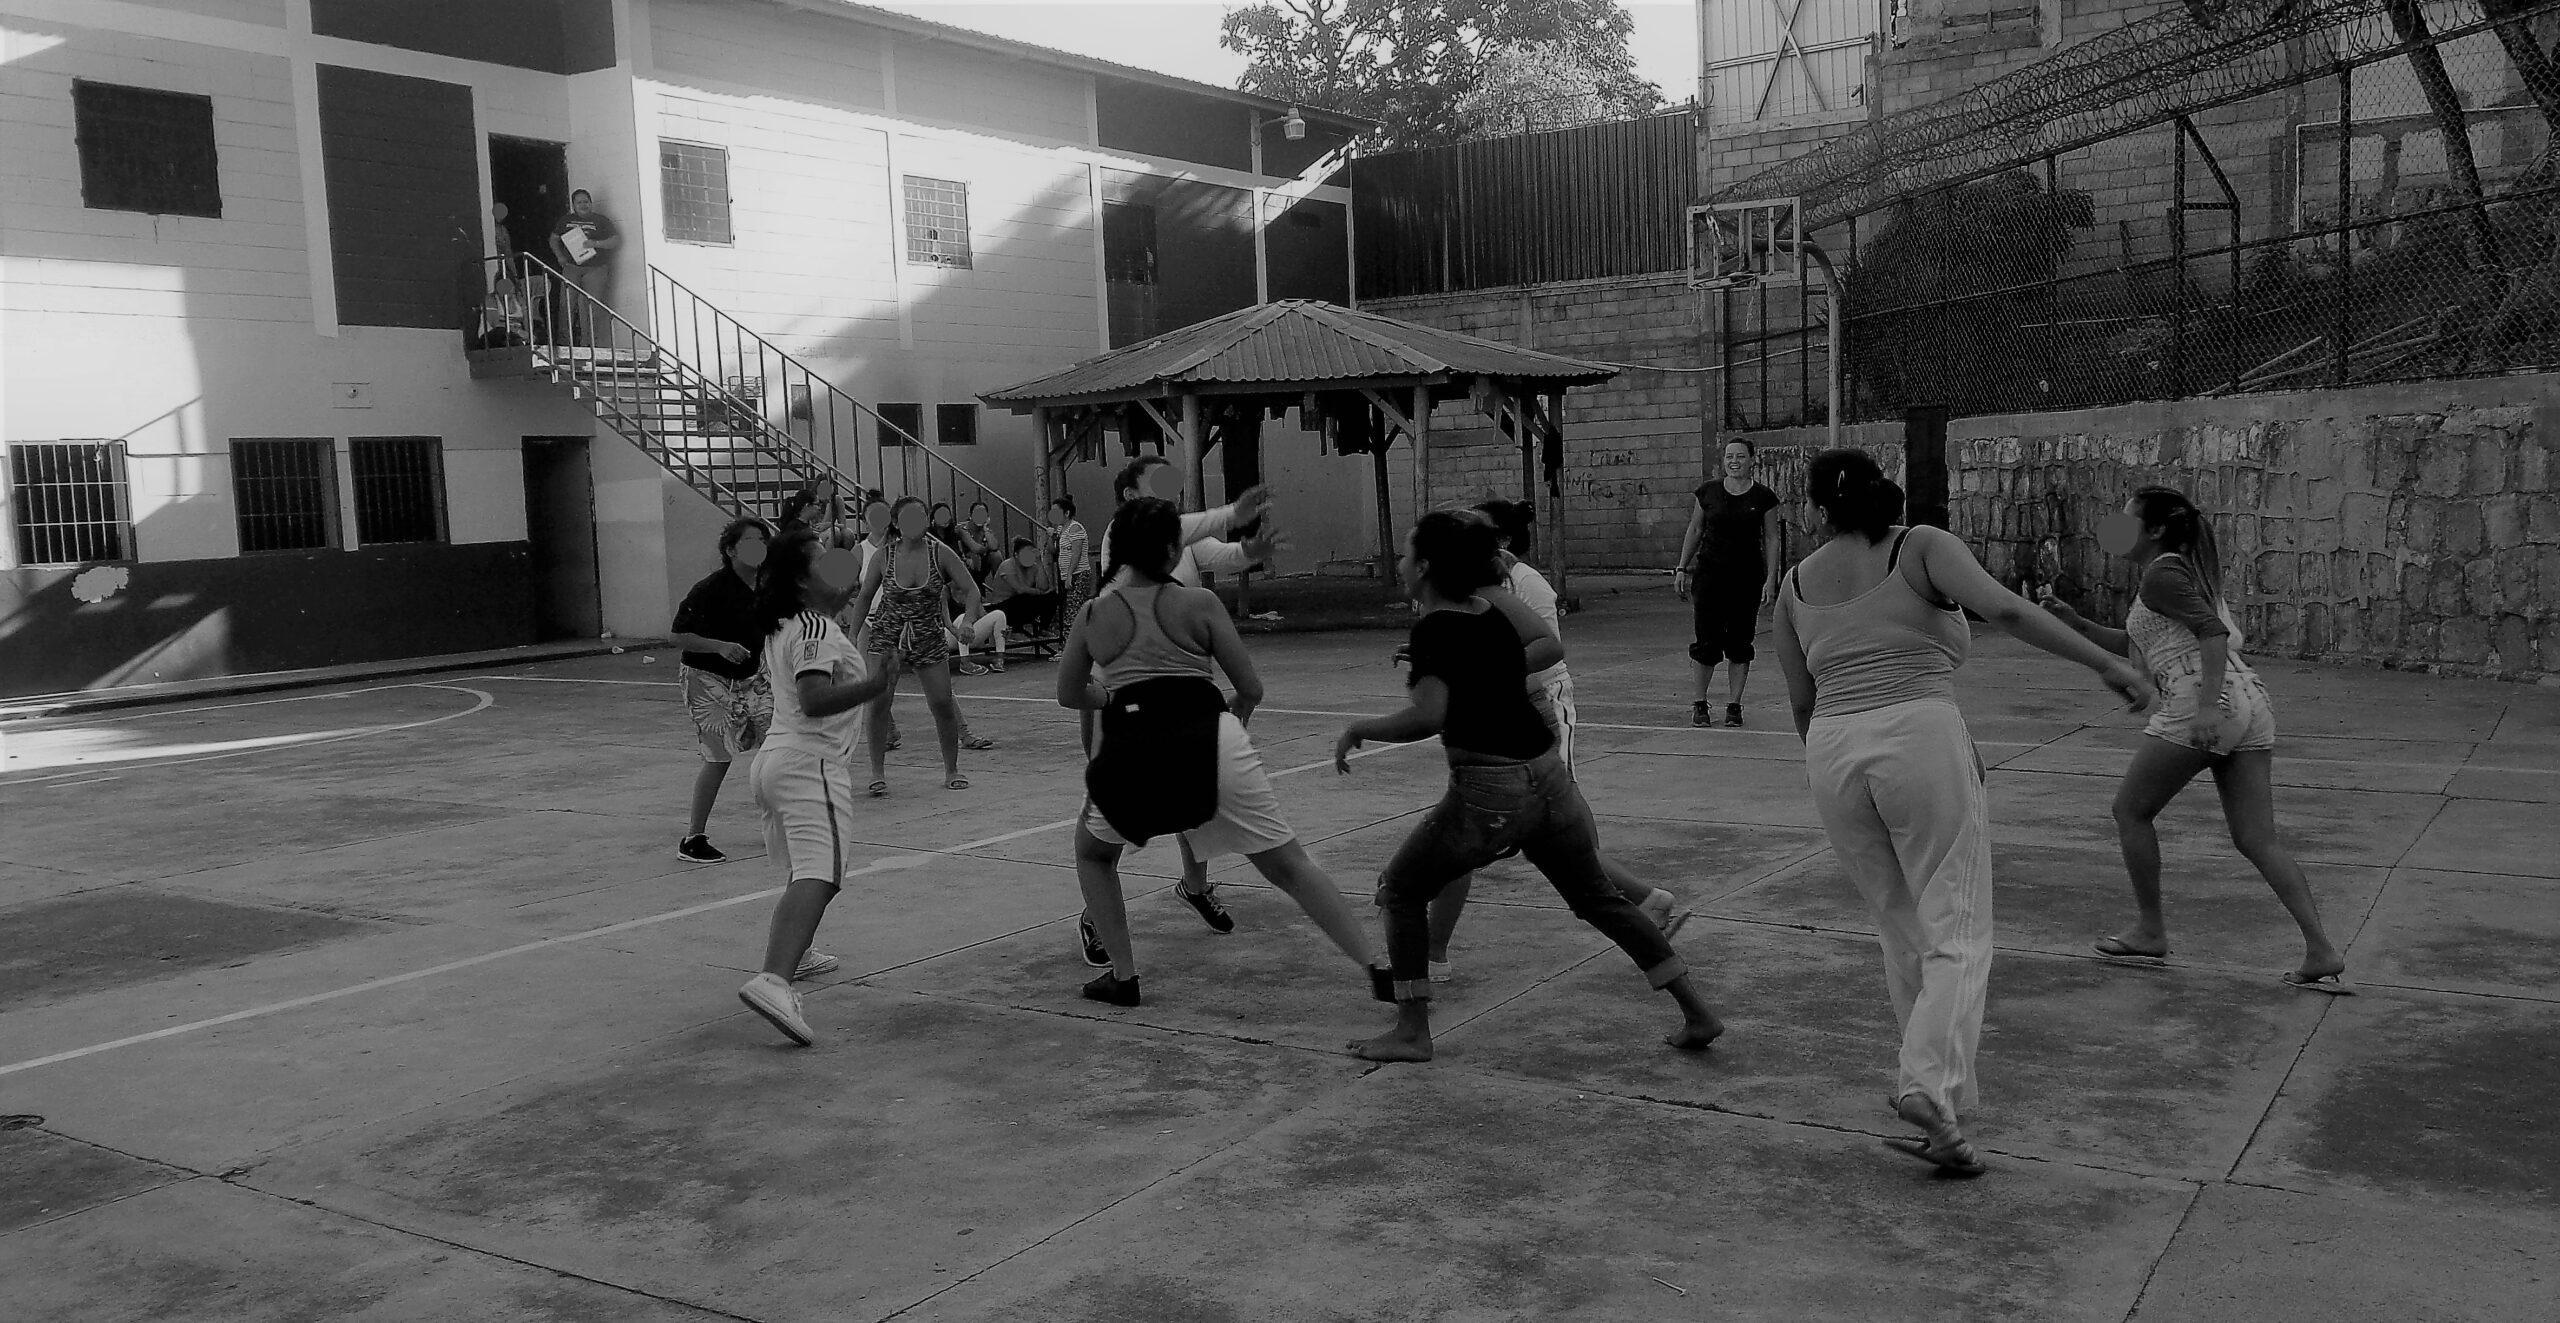 Nyt projekt: Piger i fængsel får støtte fra Byens Valgmenighed